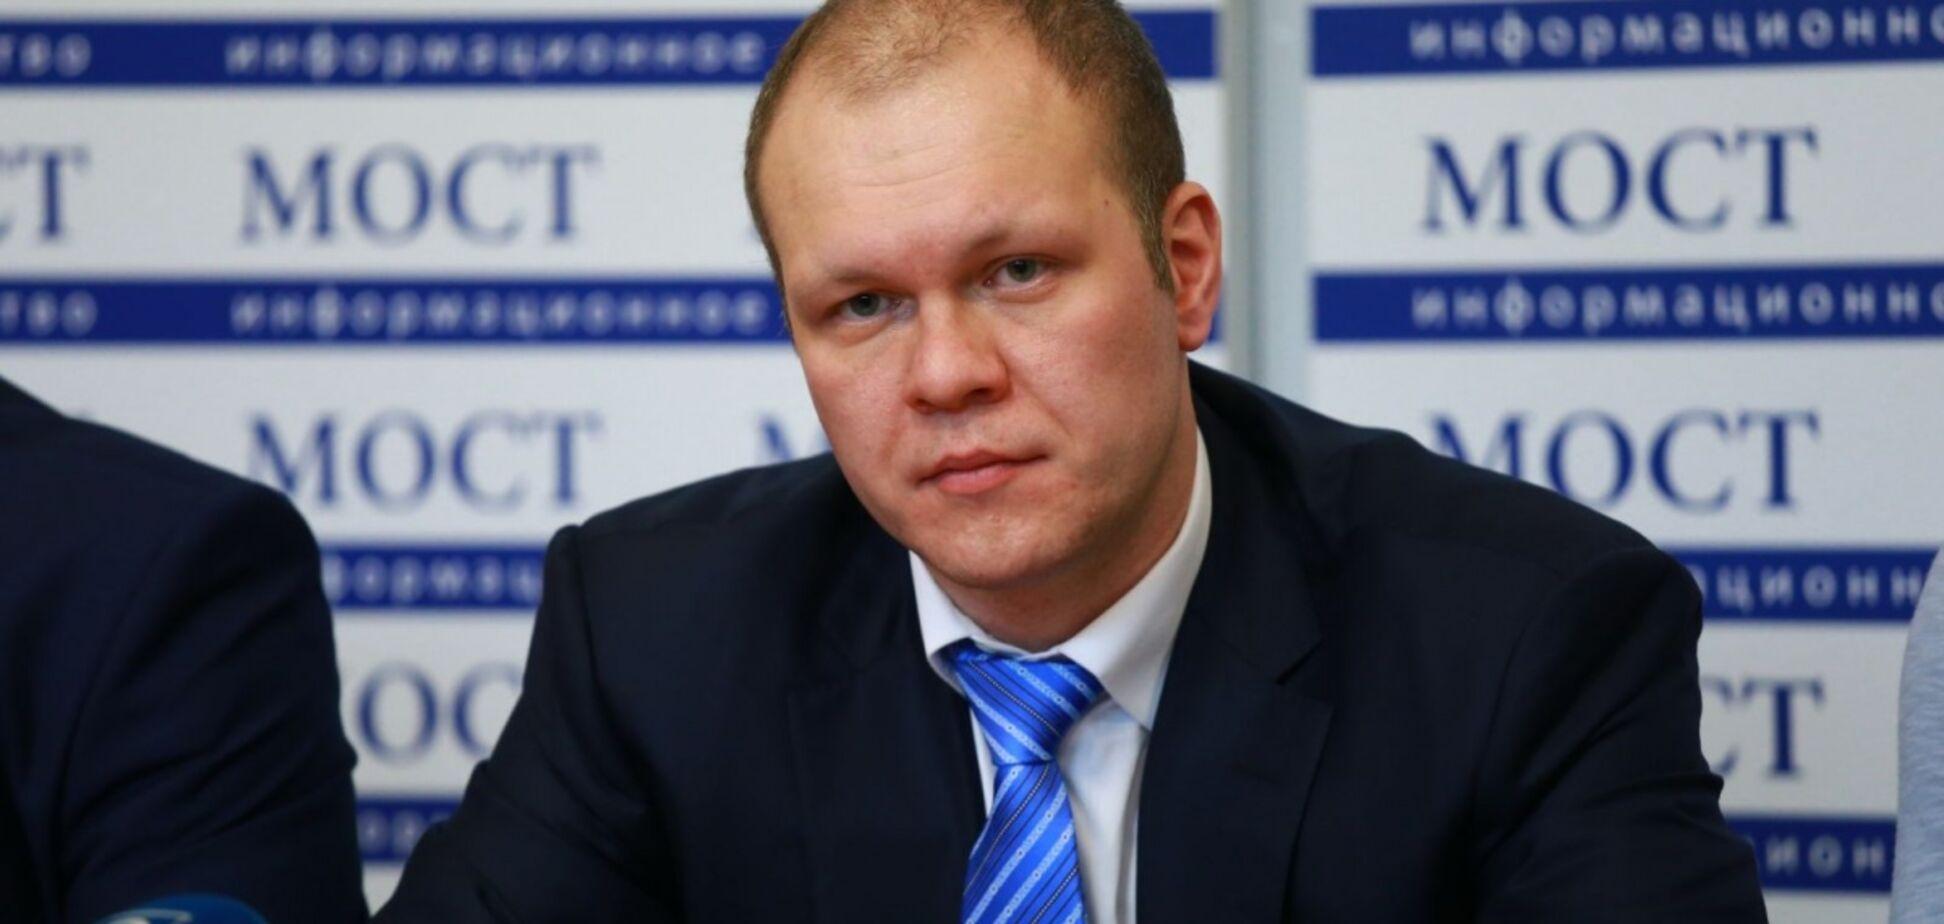 Украинскому нардепу запретили выезжать за границу из-за долгов в $11 млн